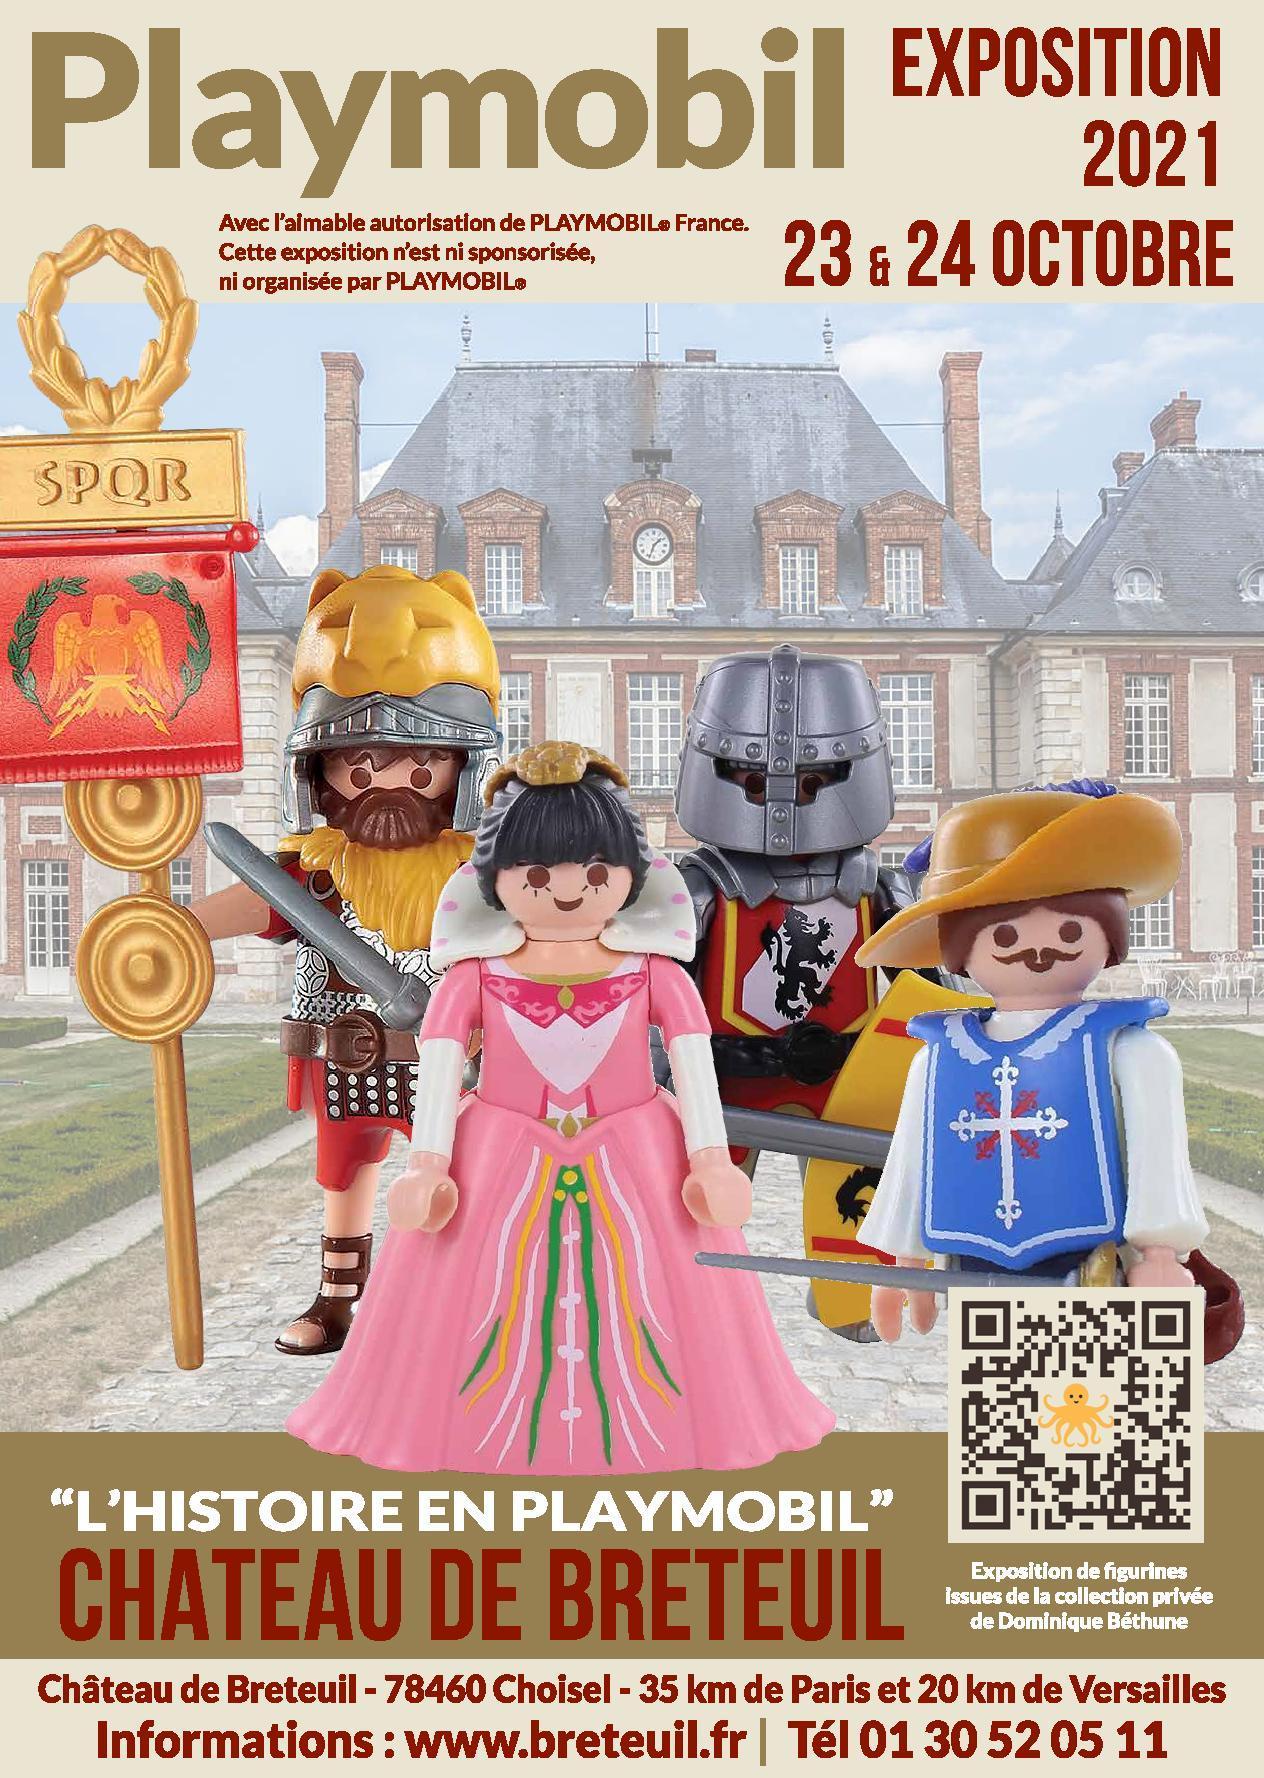 Affiche exposition playmobi chateau de breteuil 2021 dominique bethune page 001